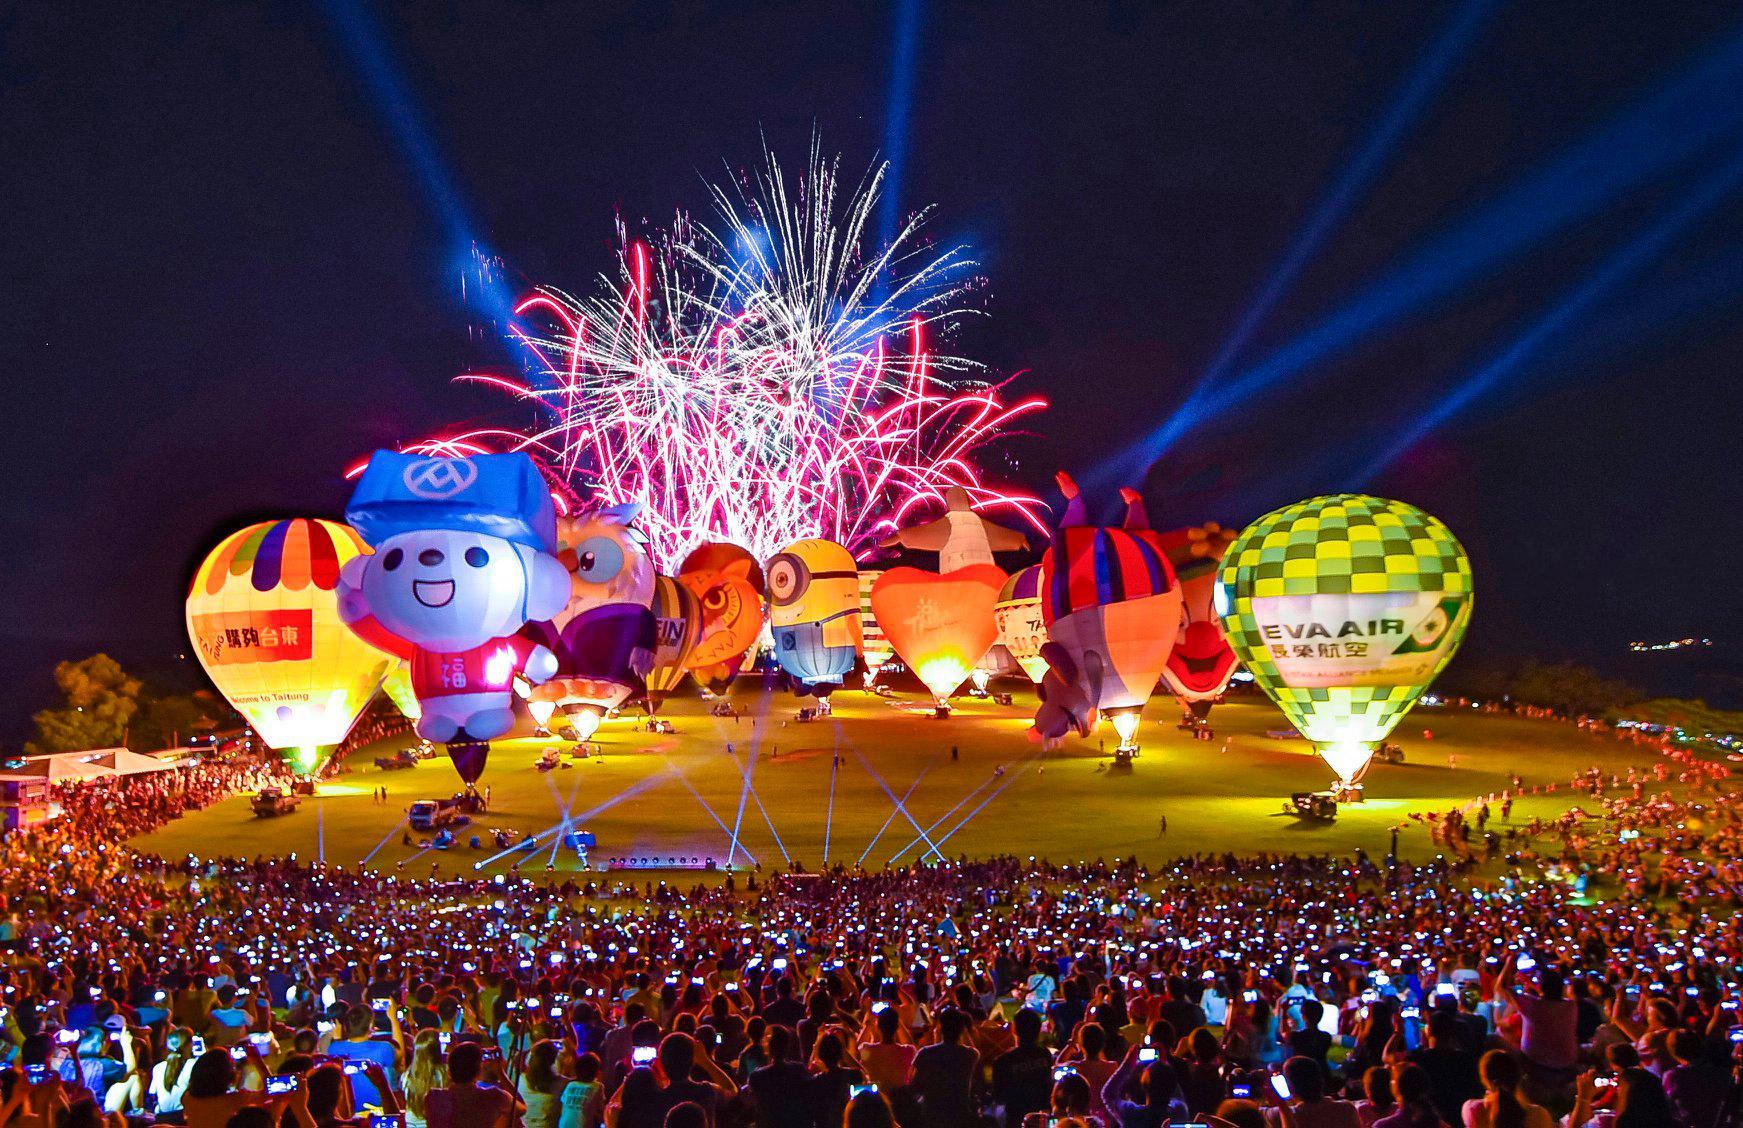 Hình ảnh lễ hội khinh khí cầu hoành tráng ở Đài Loan